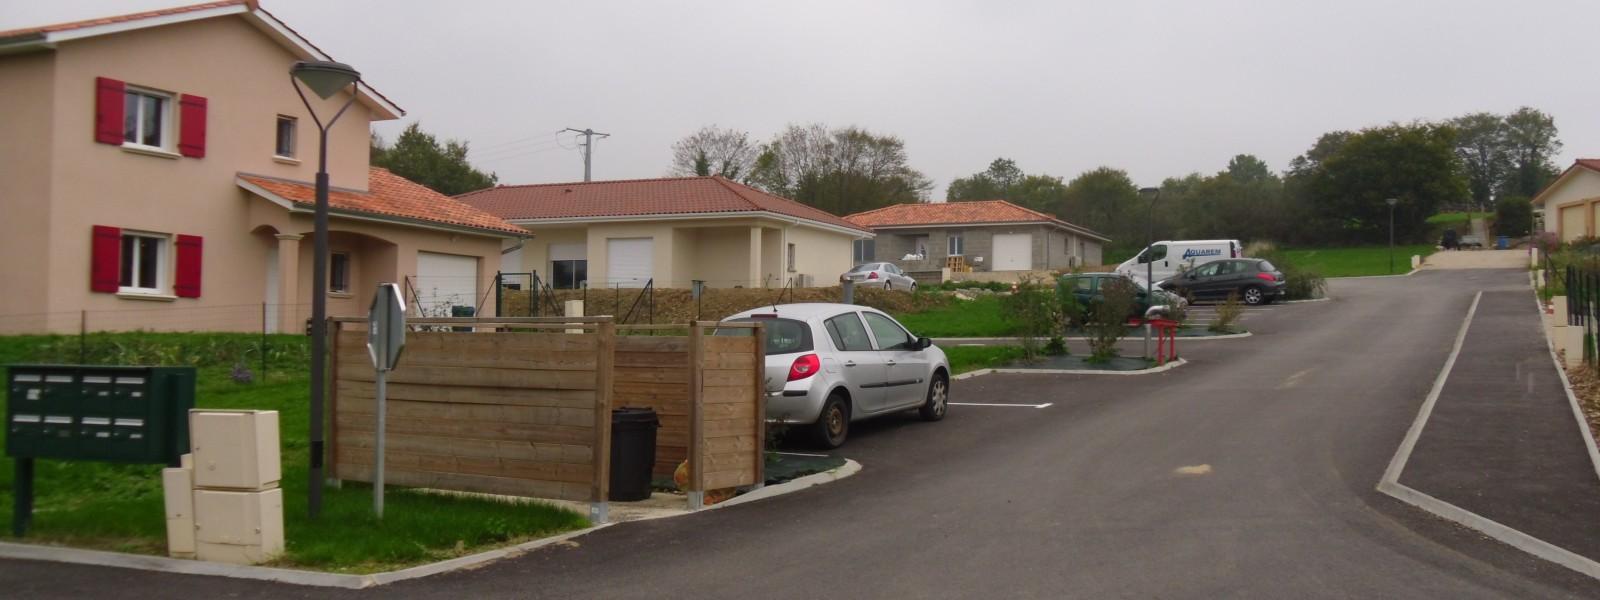 DE CHASSAGNE - Visuel 3 - Impact immobilier 01